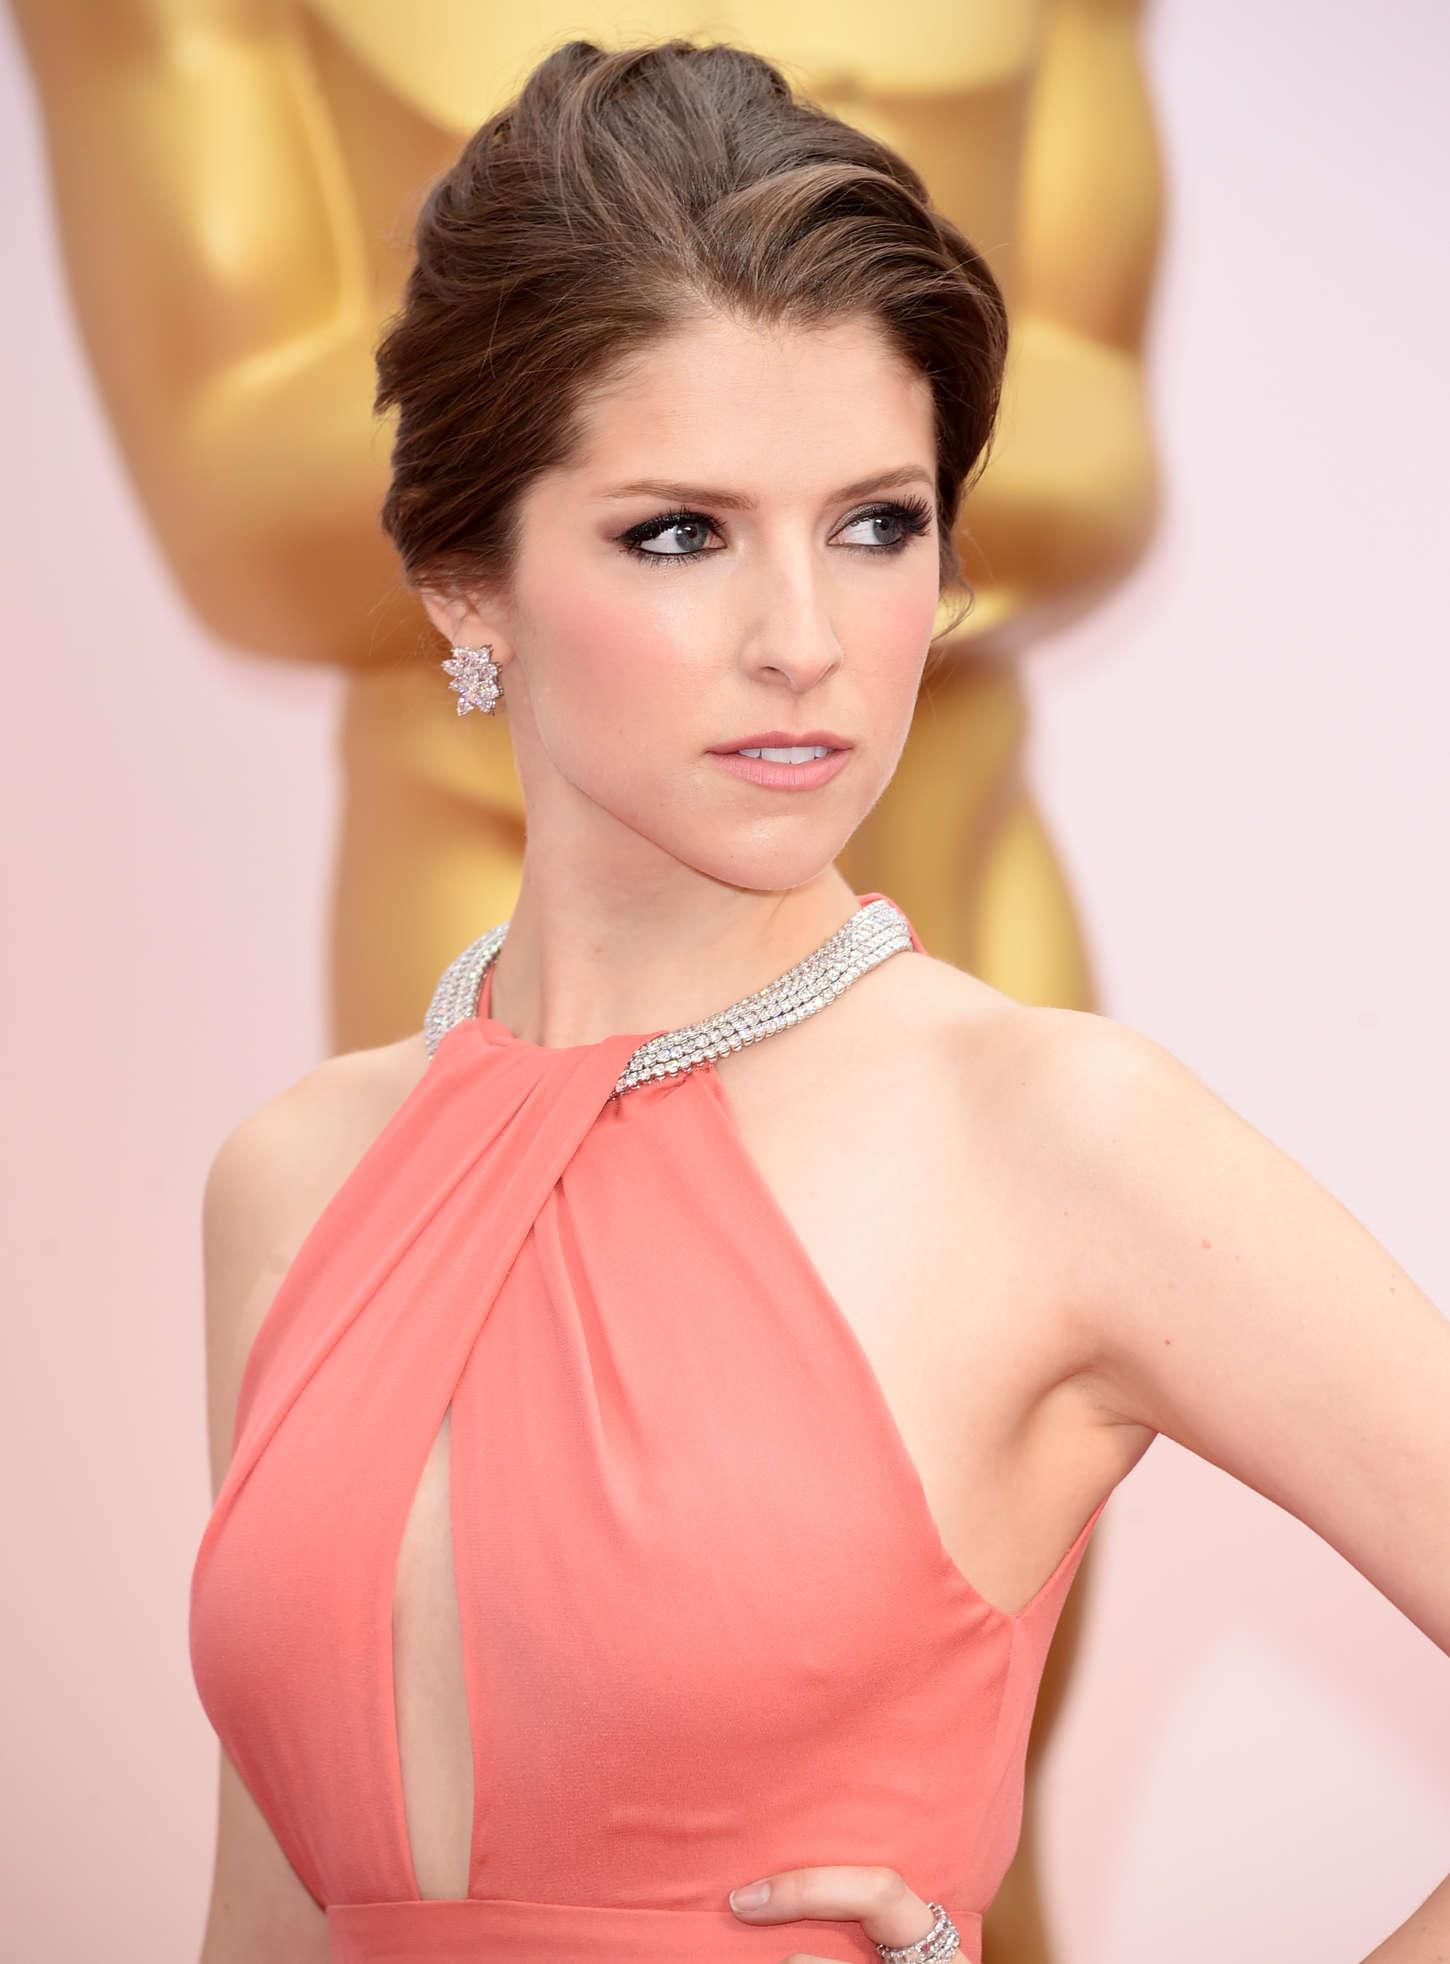 #AnnaKendrick #Oscars2015